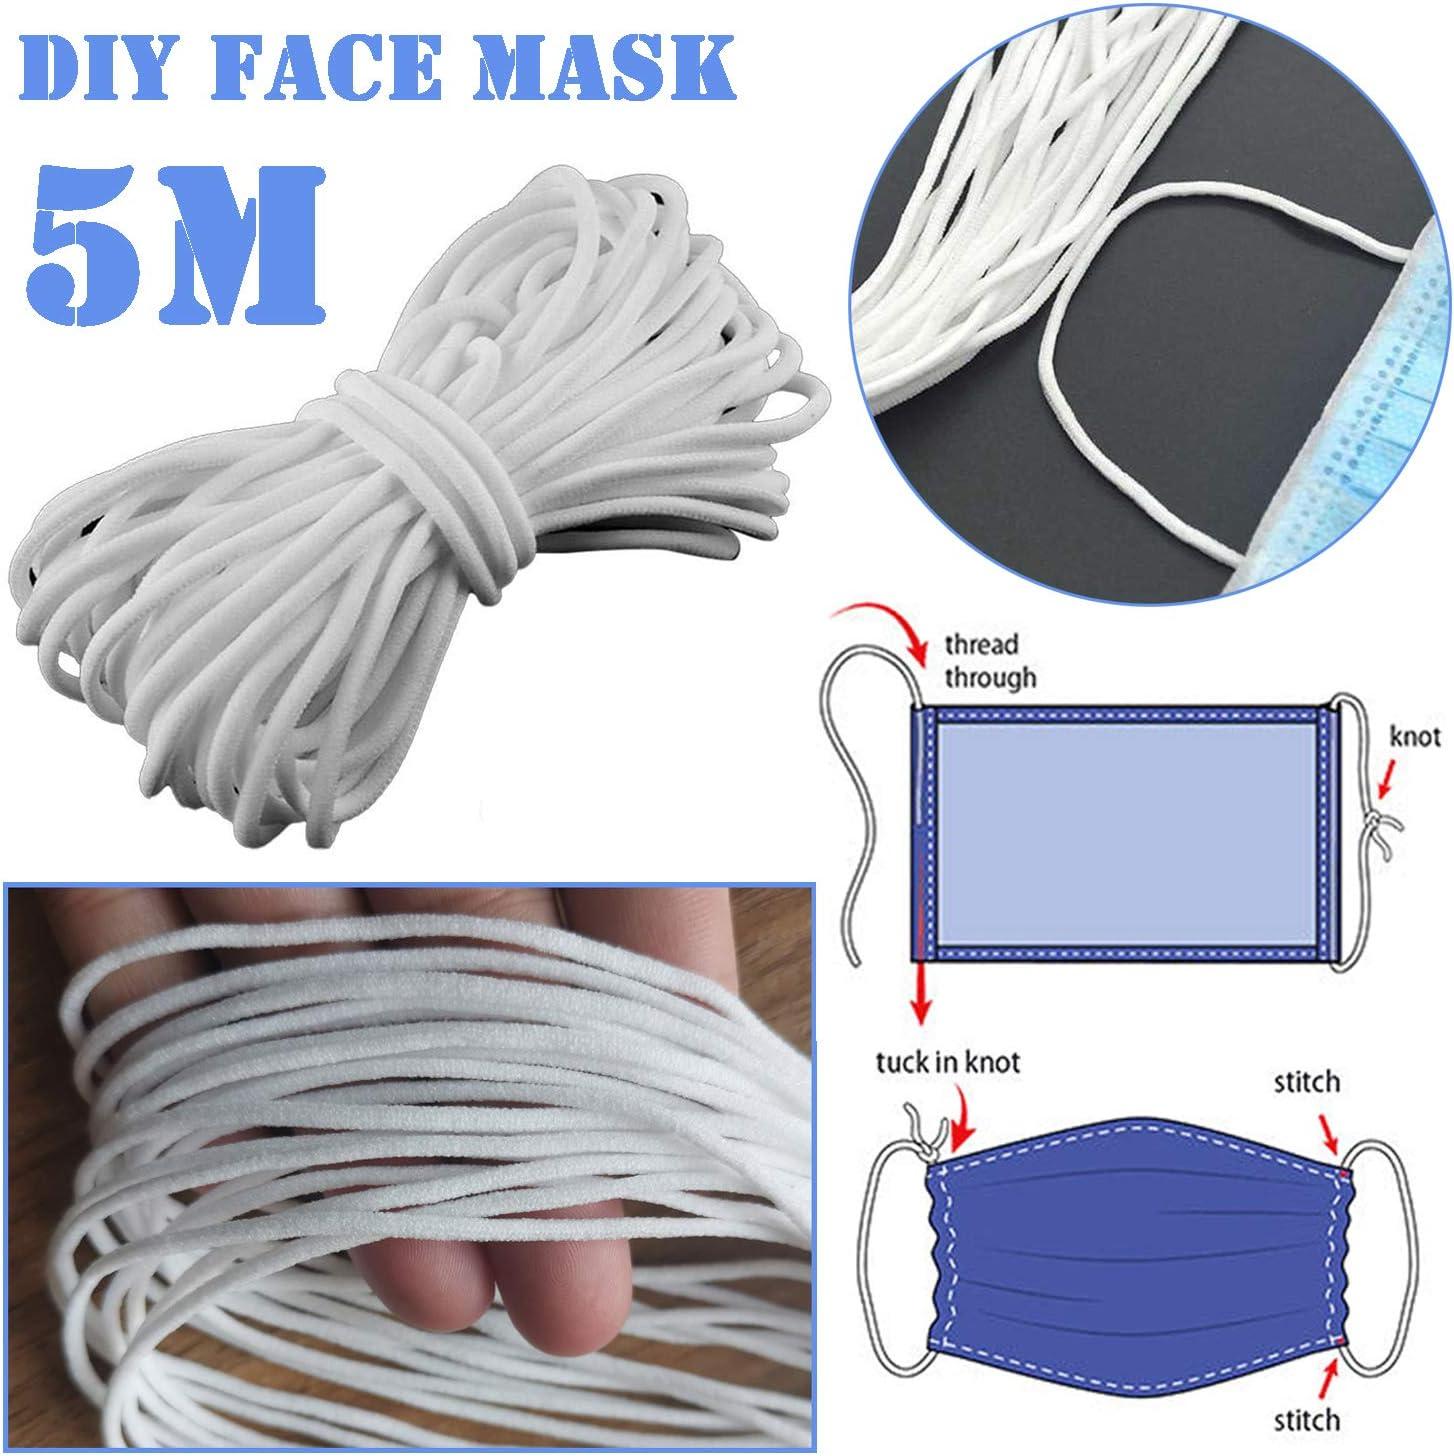 Elastic Cord Earloop For Sewing Earloop 3mm Width White Elastic